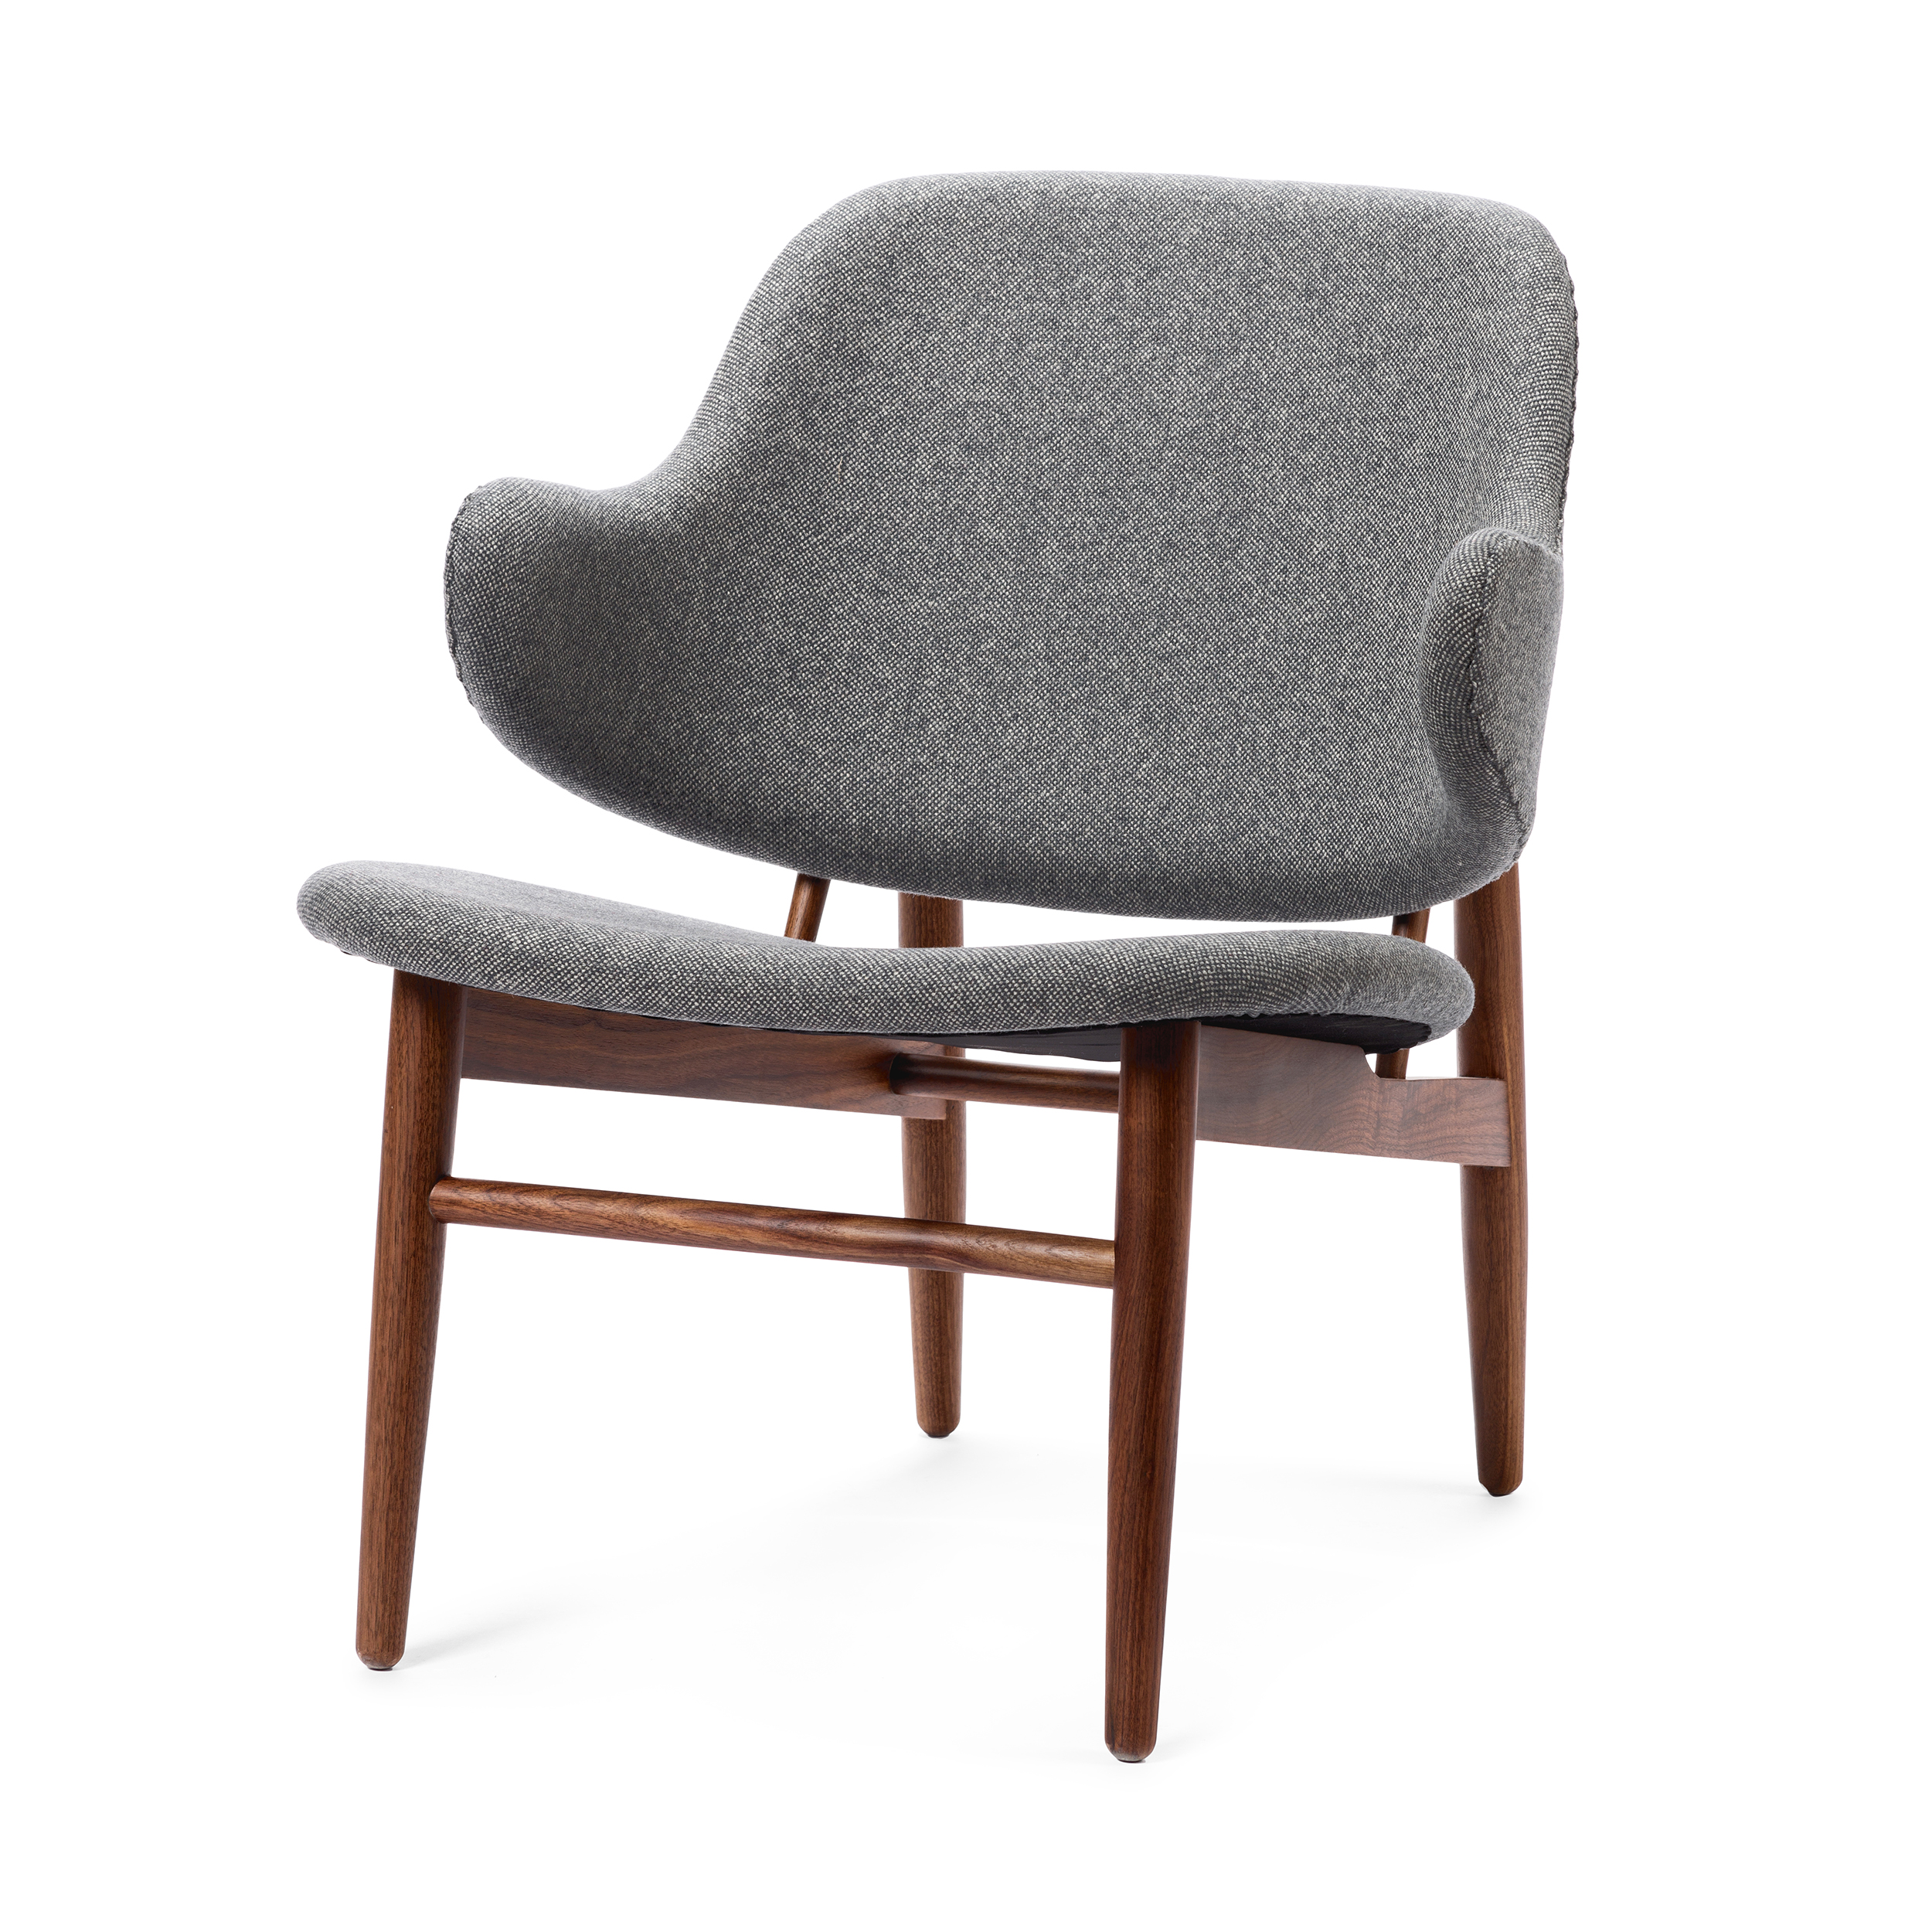 Кресло KofodИнтерьерные<br>Дизайнерское легкое яркое кресло Kofod (Кофод) с широкой спинкой без подлокотников от Cosmo (Космо).<br><br><br> В пятидесятые-шестидесятые годы творения датского архитектора и дизайнера Иба Кофод-Ларсена незаслуженно игнорировались и не пользовались успехом в его родной Скандинавии. Возможно, шведы (а он работал именно на этом рынке) сочли его мебель слишком уж лаконичной и минималистичной, но сегодня на волне моды на скандинавский дизайн с его простотой и утилитарностью сложно представить себе...<br><br>stock: 0<br>Высота: 76,5<br>Высота сиденья: 40<br>Ширина: 66<br>Глубина: 67,5<br>Цвет ножек: Орех американский<br>Материал ножек: Массив ореха<br>Материал обивки: Шерсть, Нейлон<br>Коллекция ткани: B Fabric<br>Тип материала обивки: Ткань<br>Тип материала ножек: Дерево<br>Цвет обивки: Серый